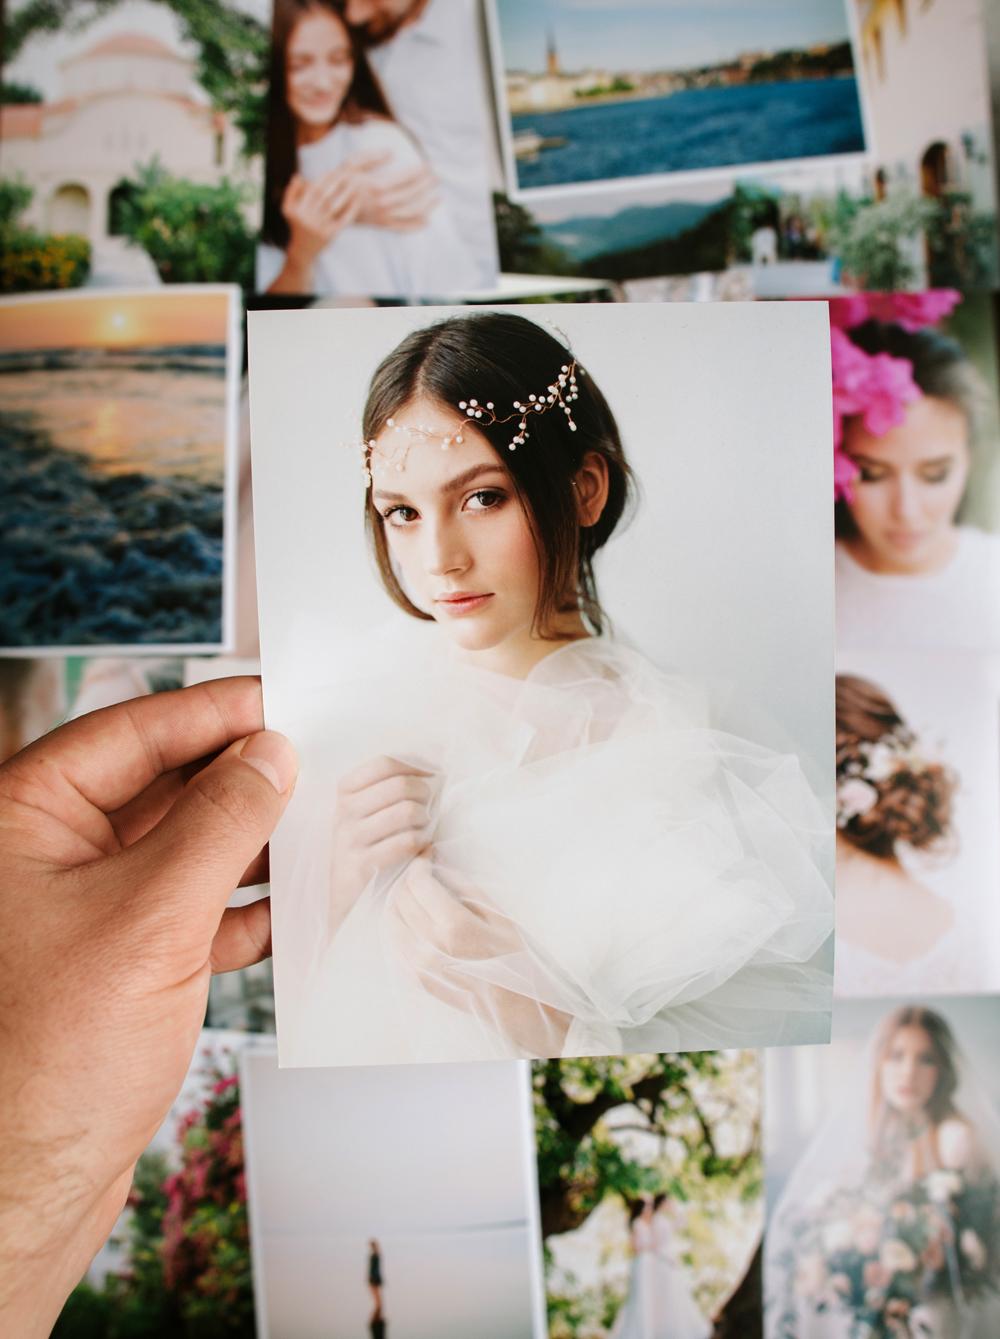 Print film photo by Yuriy & Alyona Photography | Analog photography | Kodak portra 400, Mamiya 645 1,9